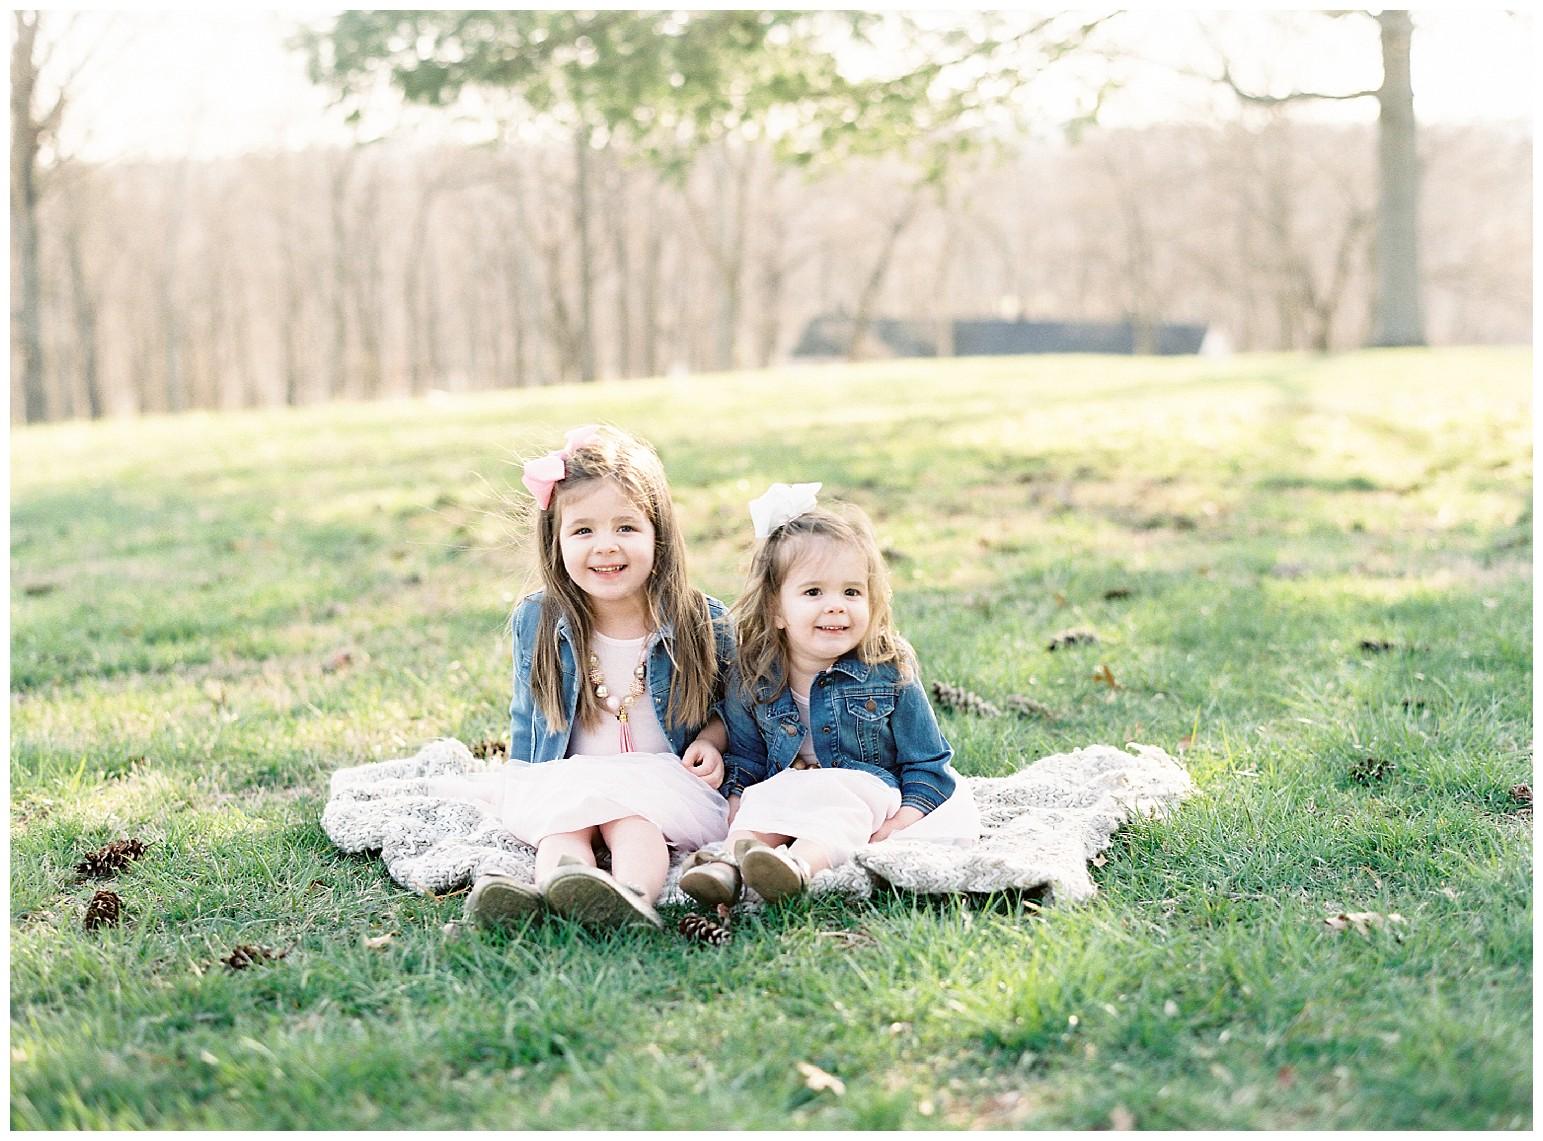 st louis photography_maternity_lauren muckler photography_film_st louis film photographer_0311.jpg